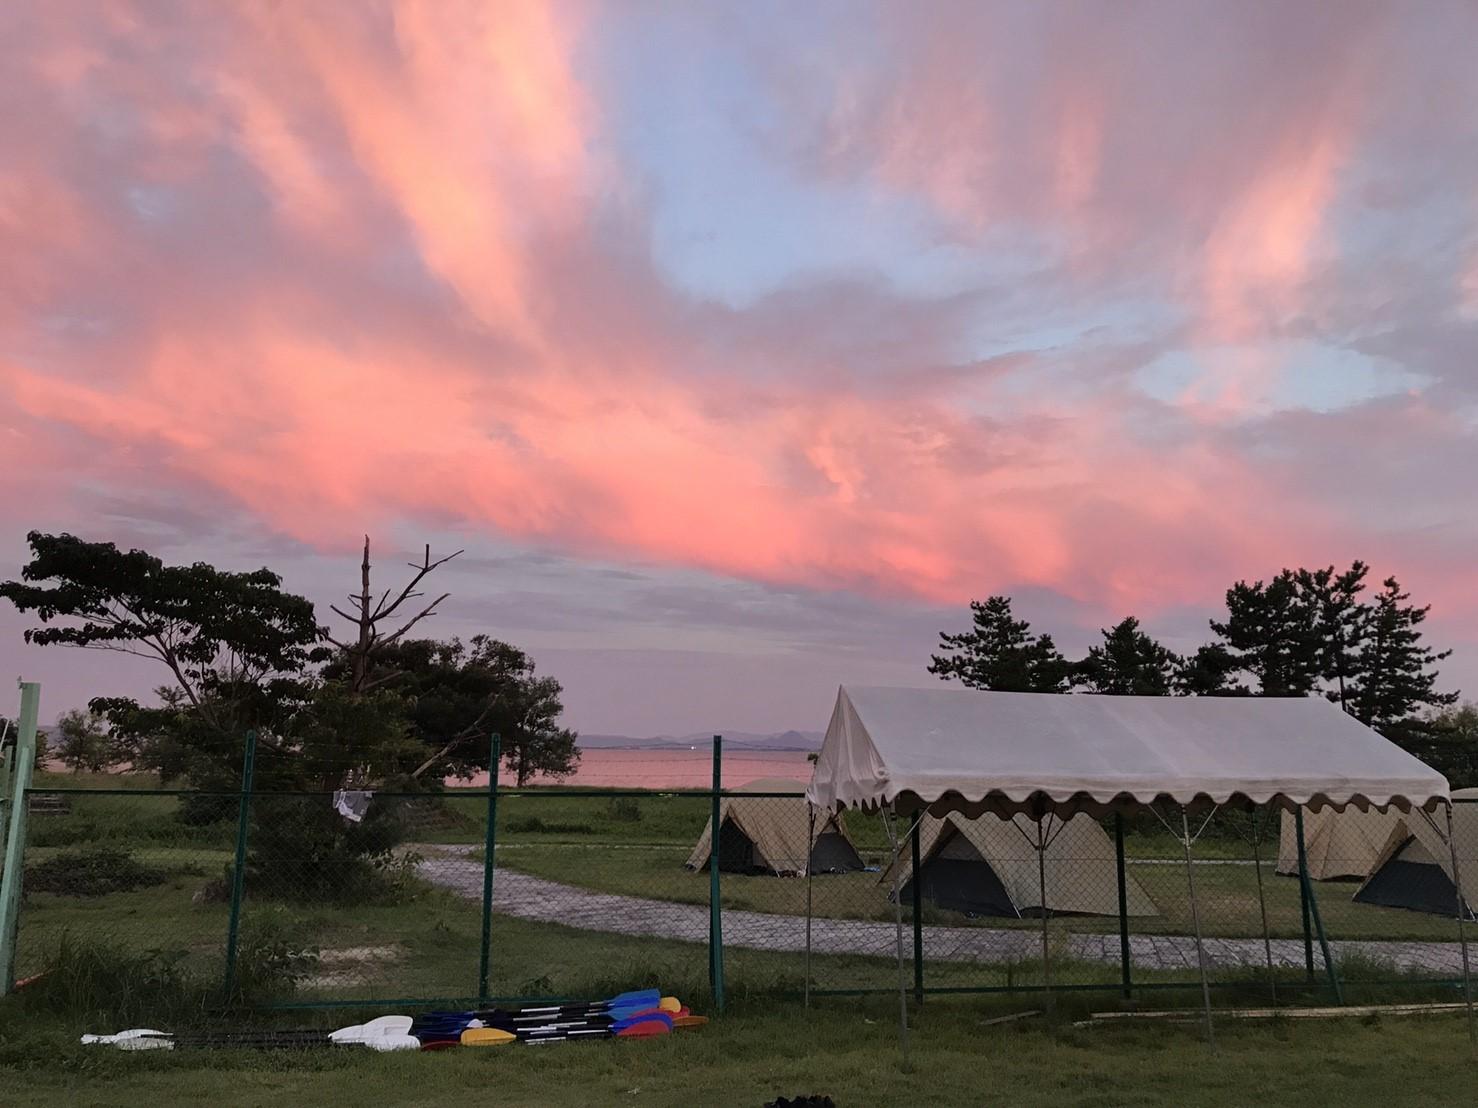 bscサマーキャンプ_170926_0163